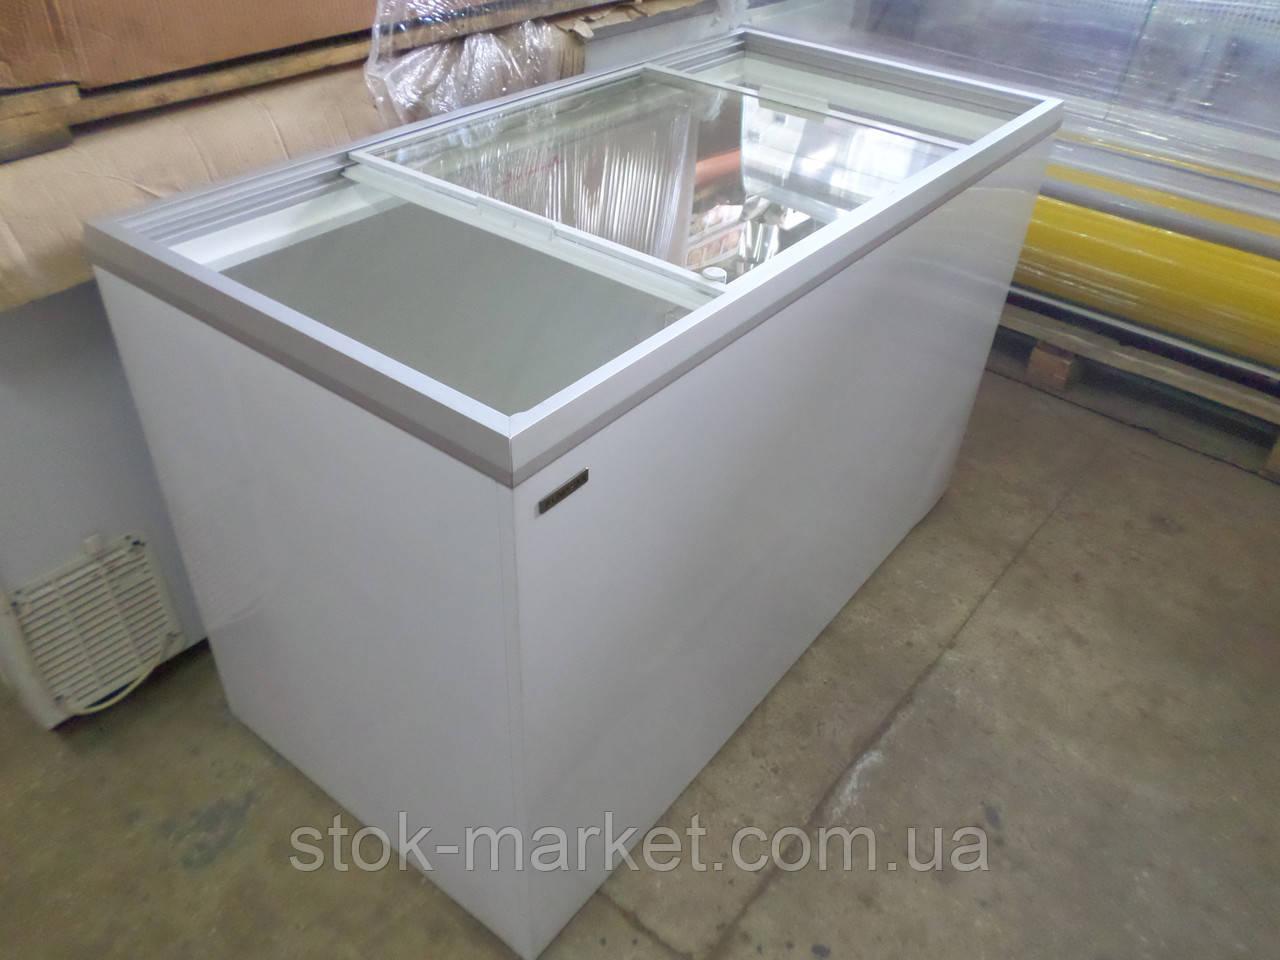 Ларь морозильный Klimasan D 450 DFSG FF